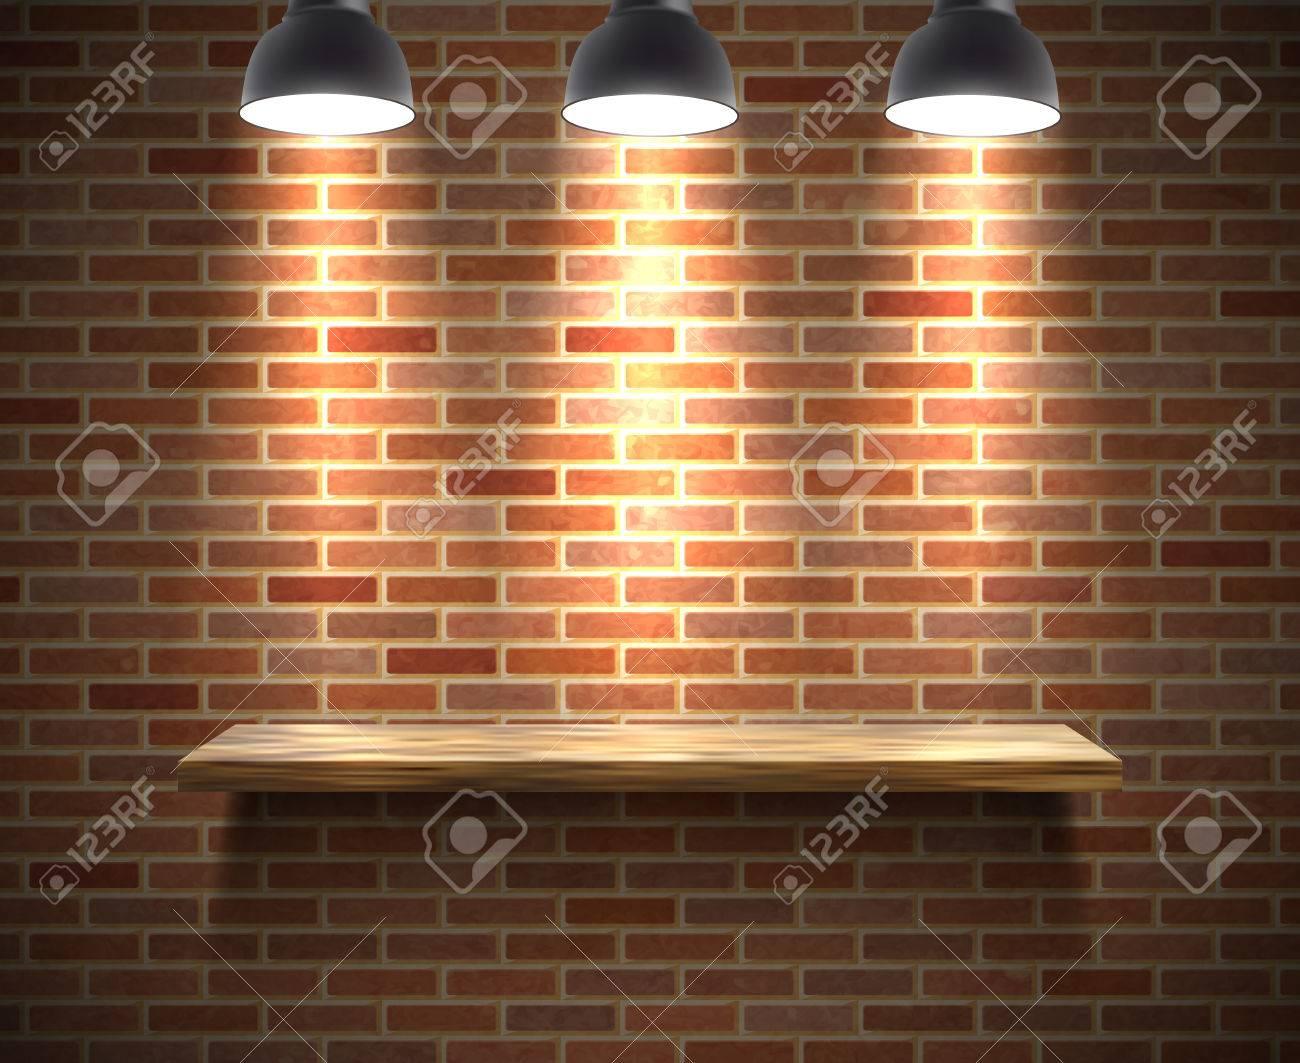 Etagere Sur Mur En Brique réaliste bois étagère vide illustration sur un mur de briques sous les  projecteurs avec le vecteur d'ombre illustration